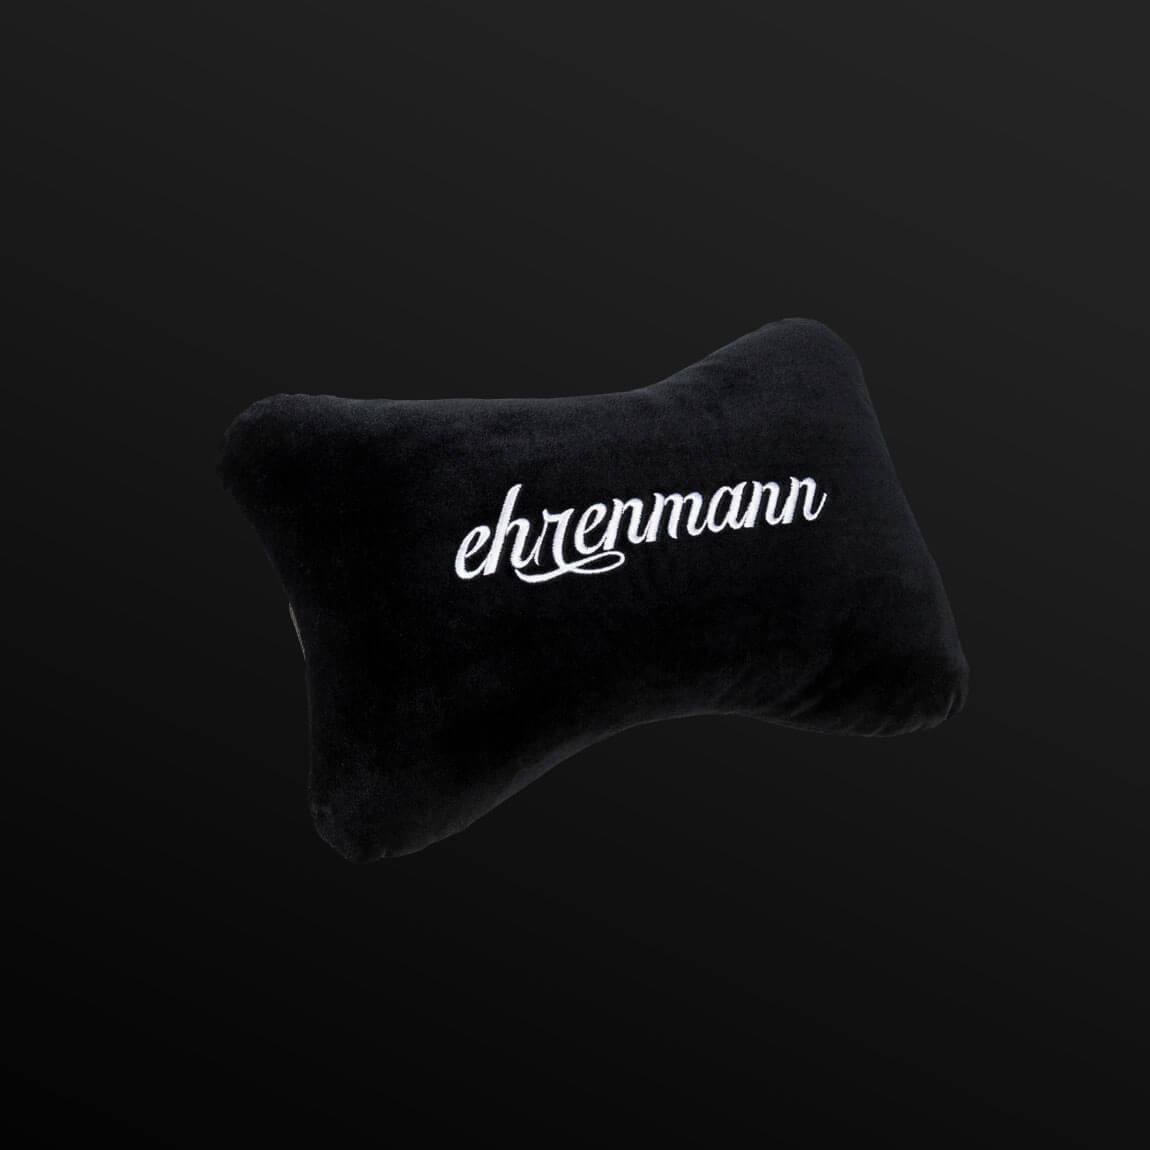 Neck pillow Ehrenmann